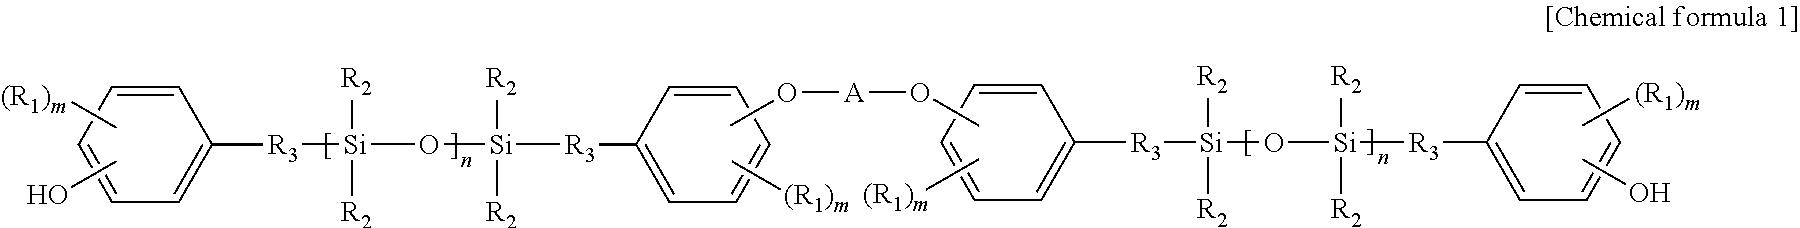 Figure US20160122477A1-20160505-C00020